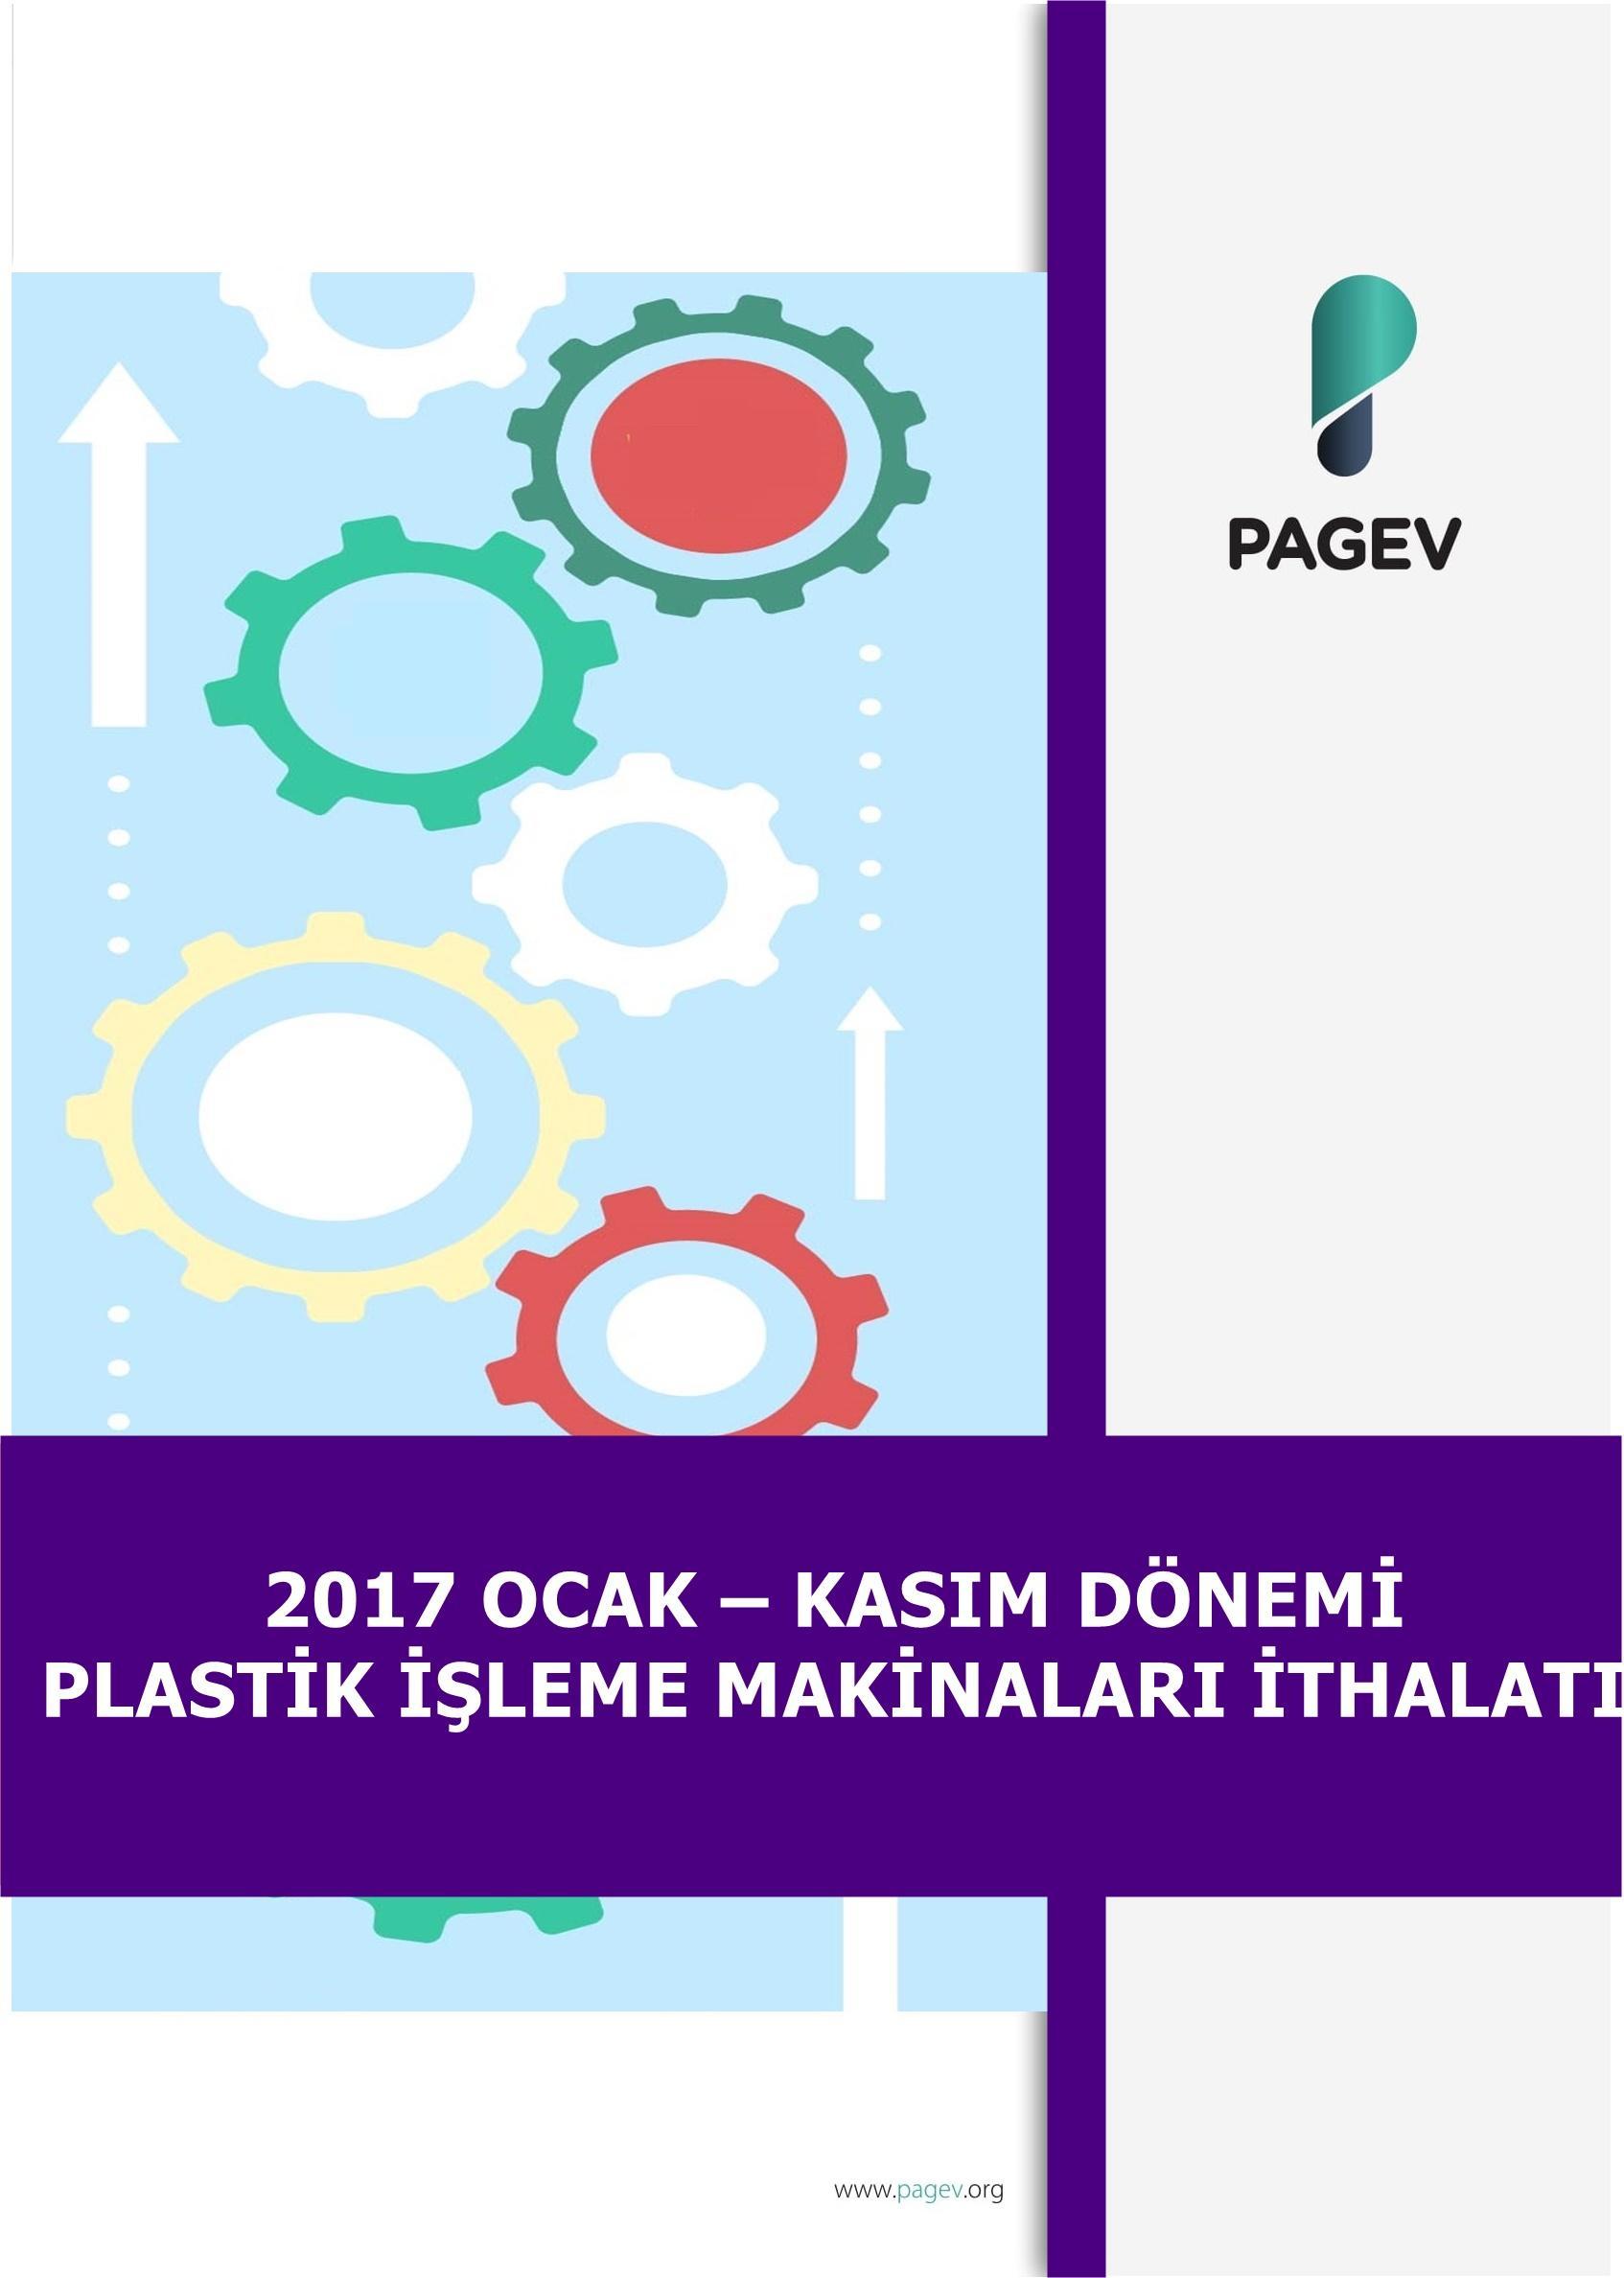 2017 Ocak-Kasım Dönemi Plastik İşleme Makineleri İthalatı